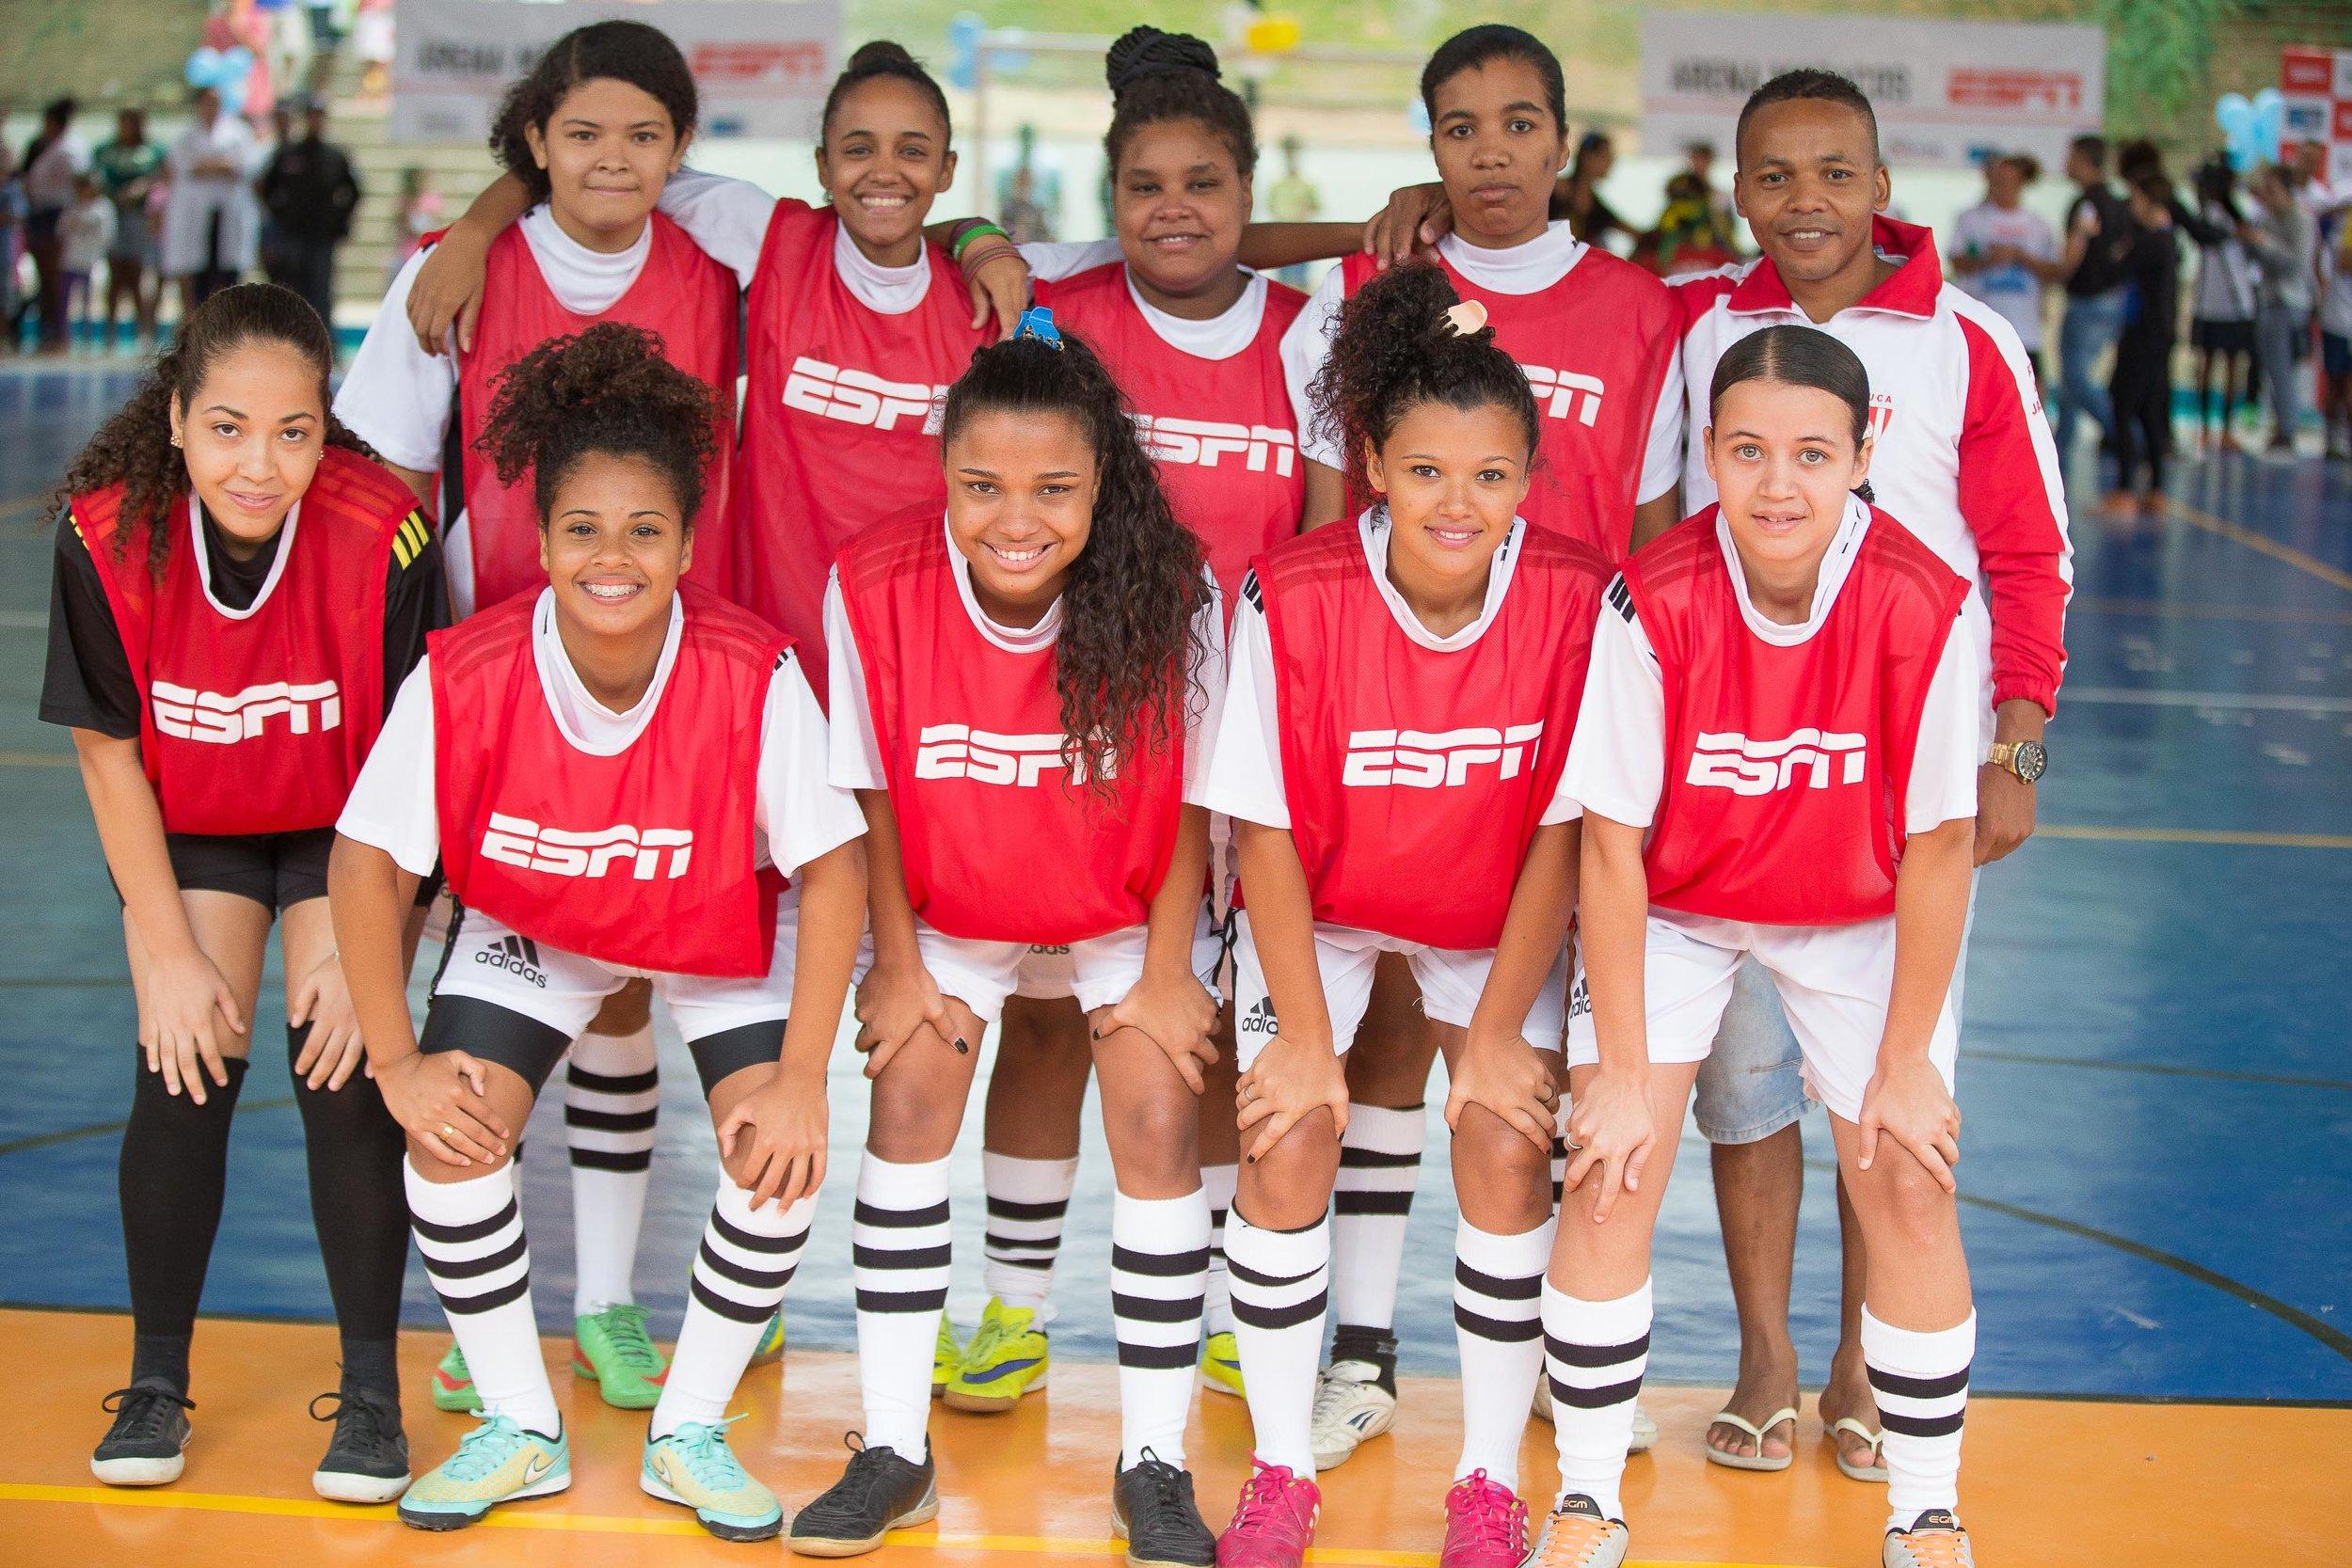 Arena Macacos_ESPN-29.jpg